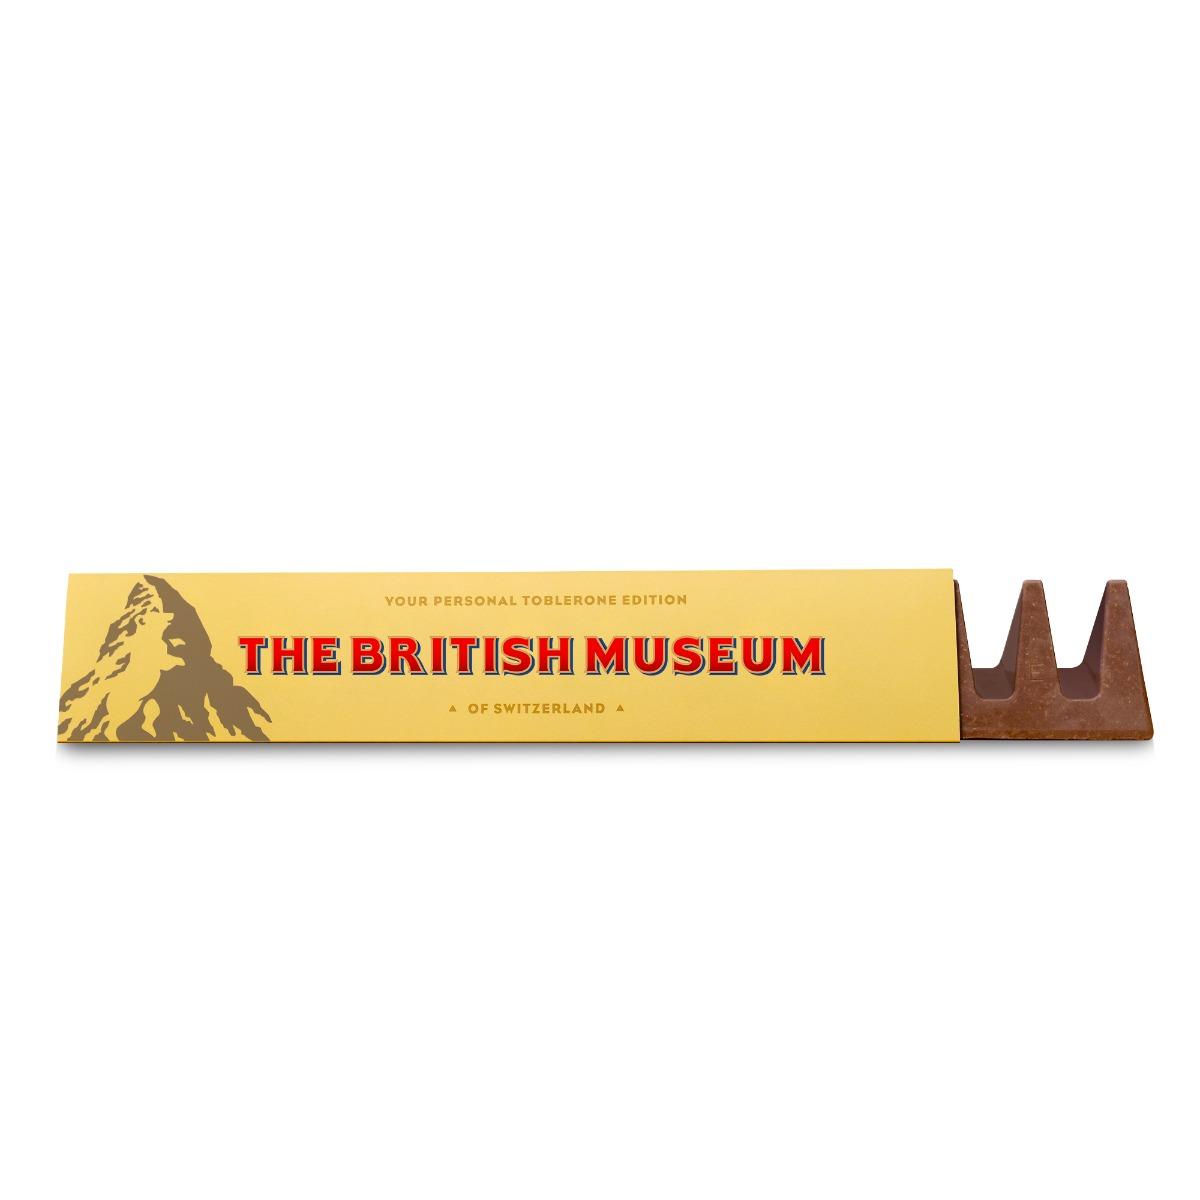 British Museum toblerone